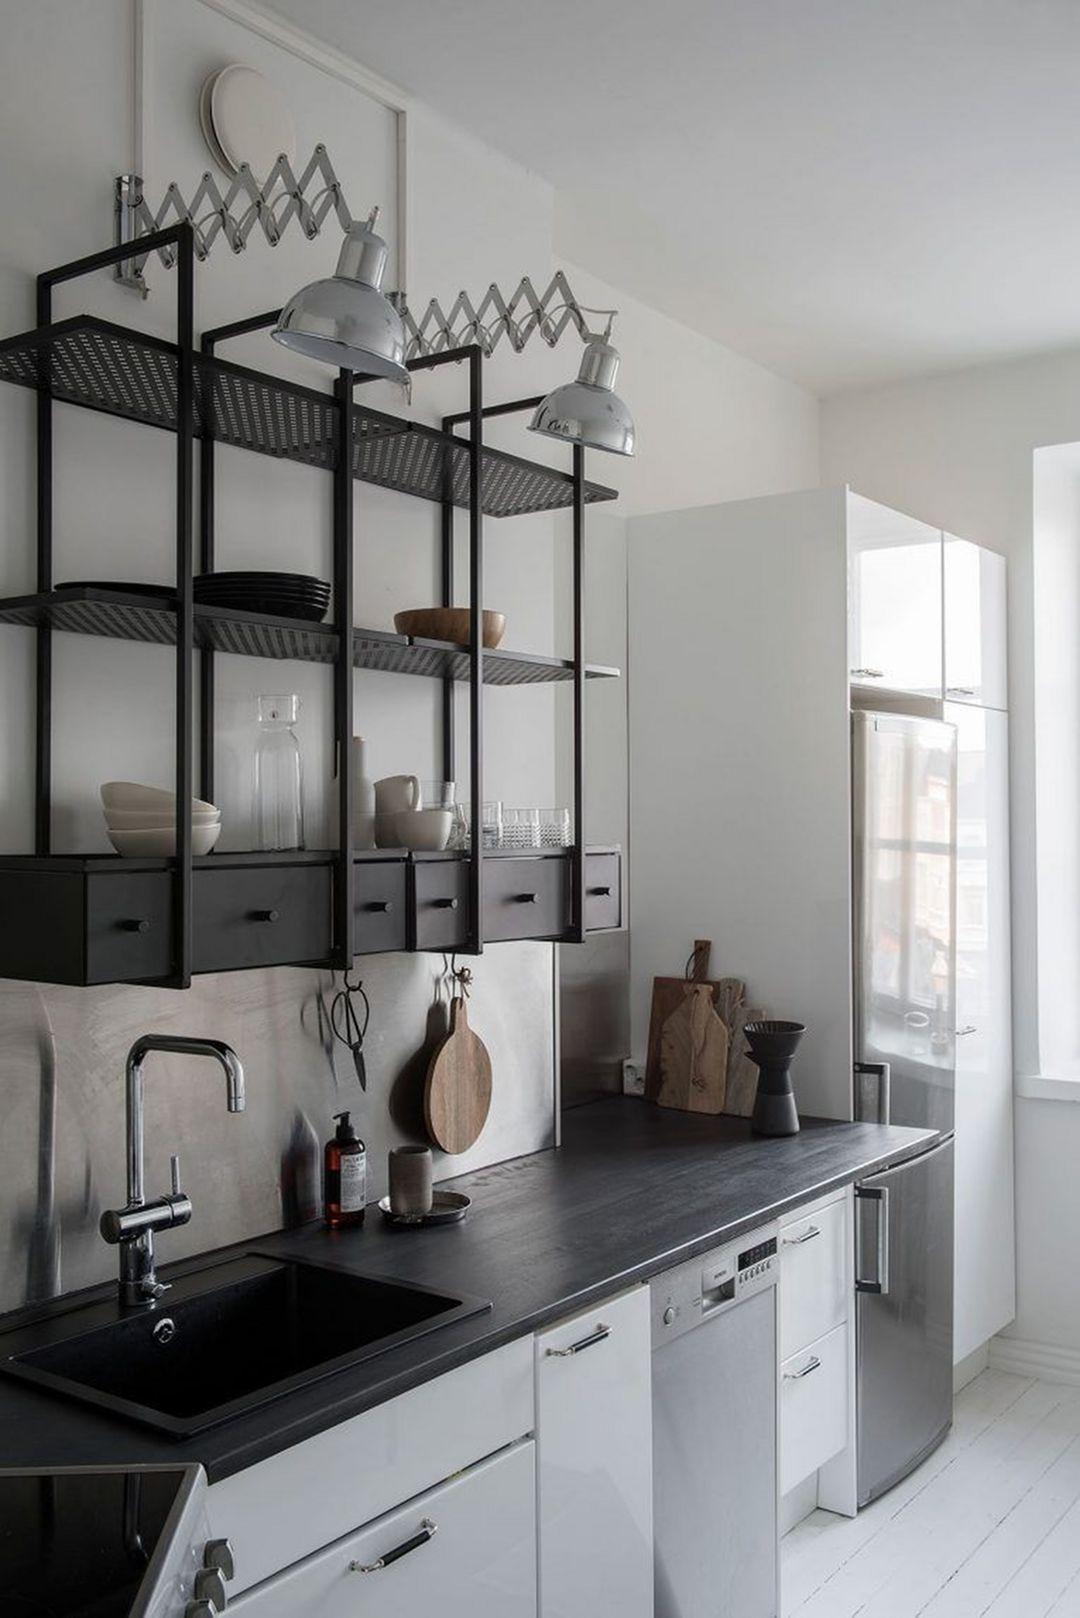 Kitchen Layout Design Tool: 13 Amazing Industrial Kitchen Shelf Design To Organize